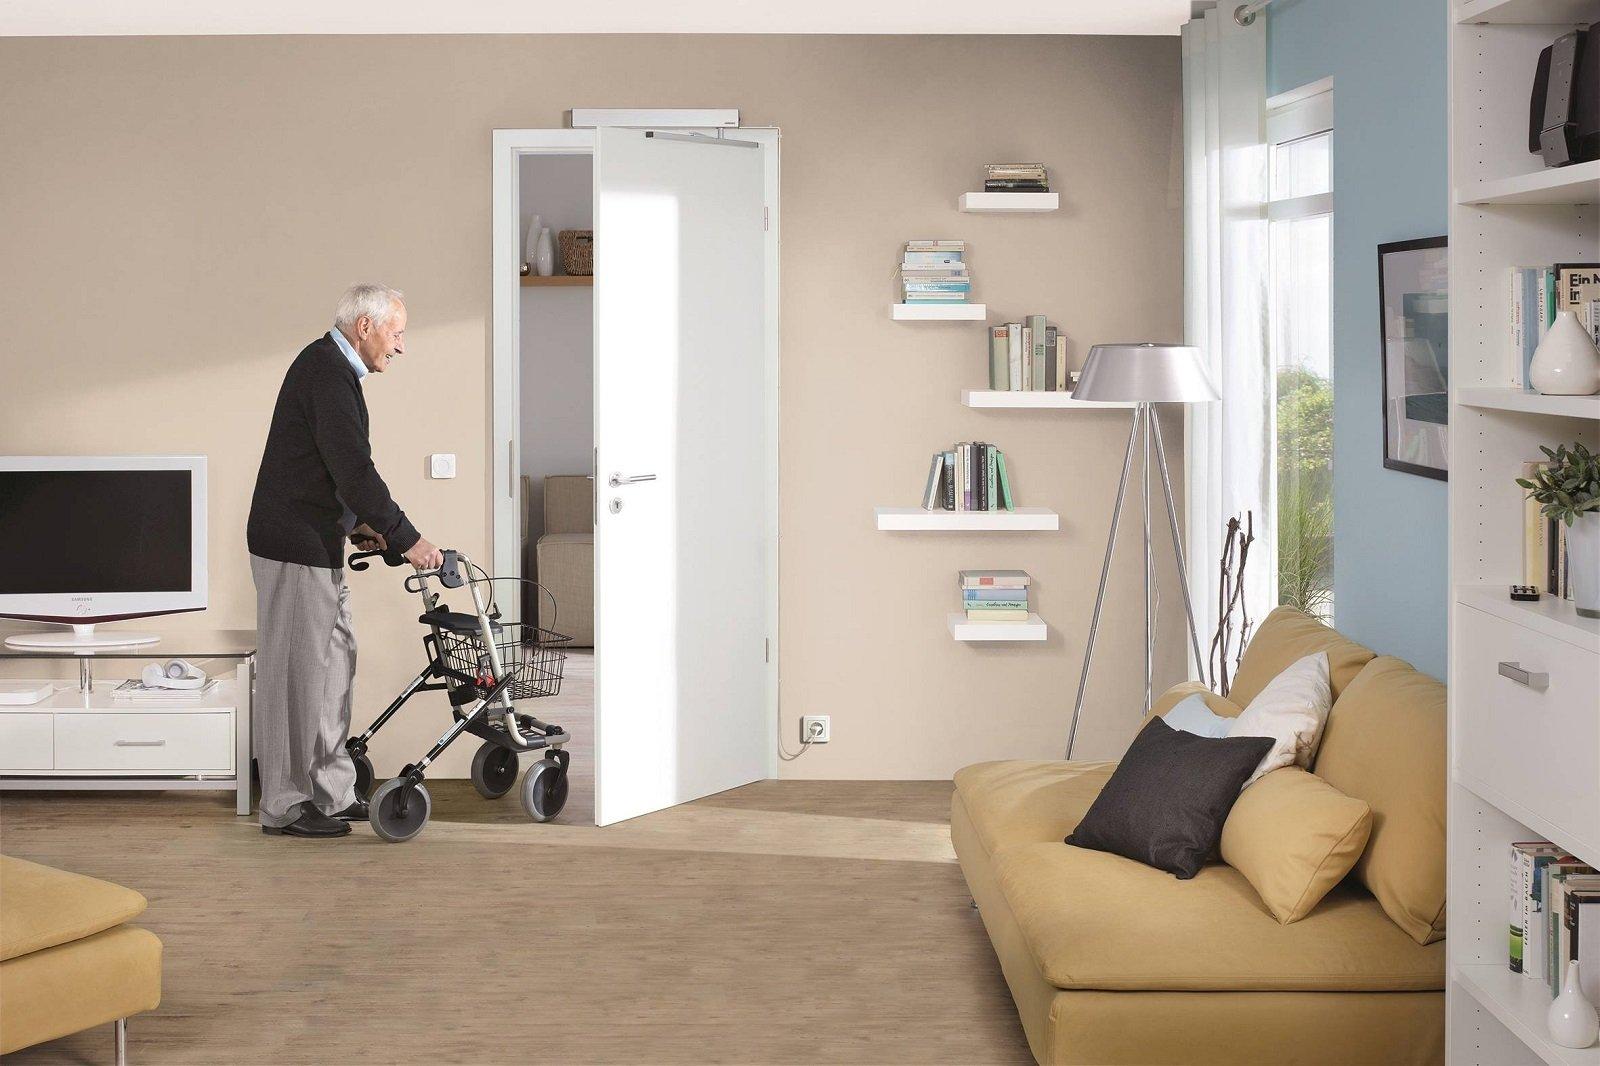 Porte con apertura e chiusura automatica cose di casa - Chiudere la porta grazie ...